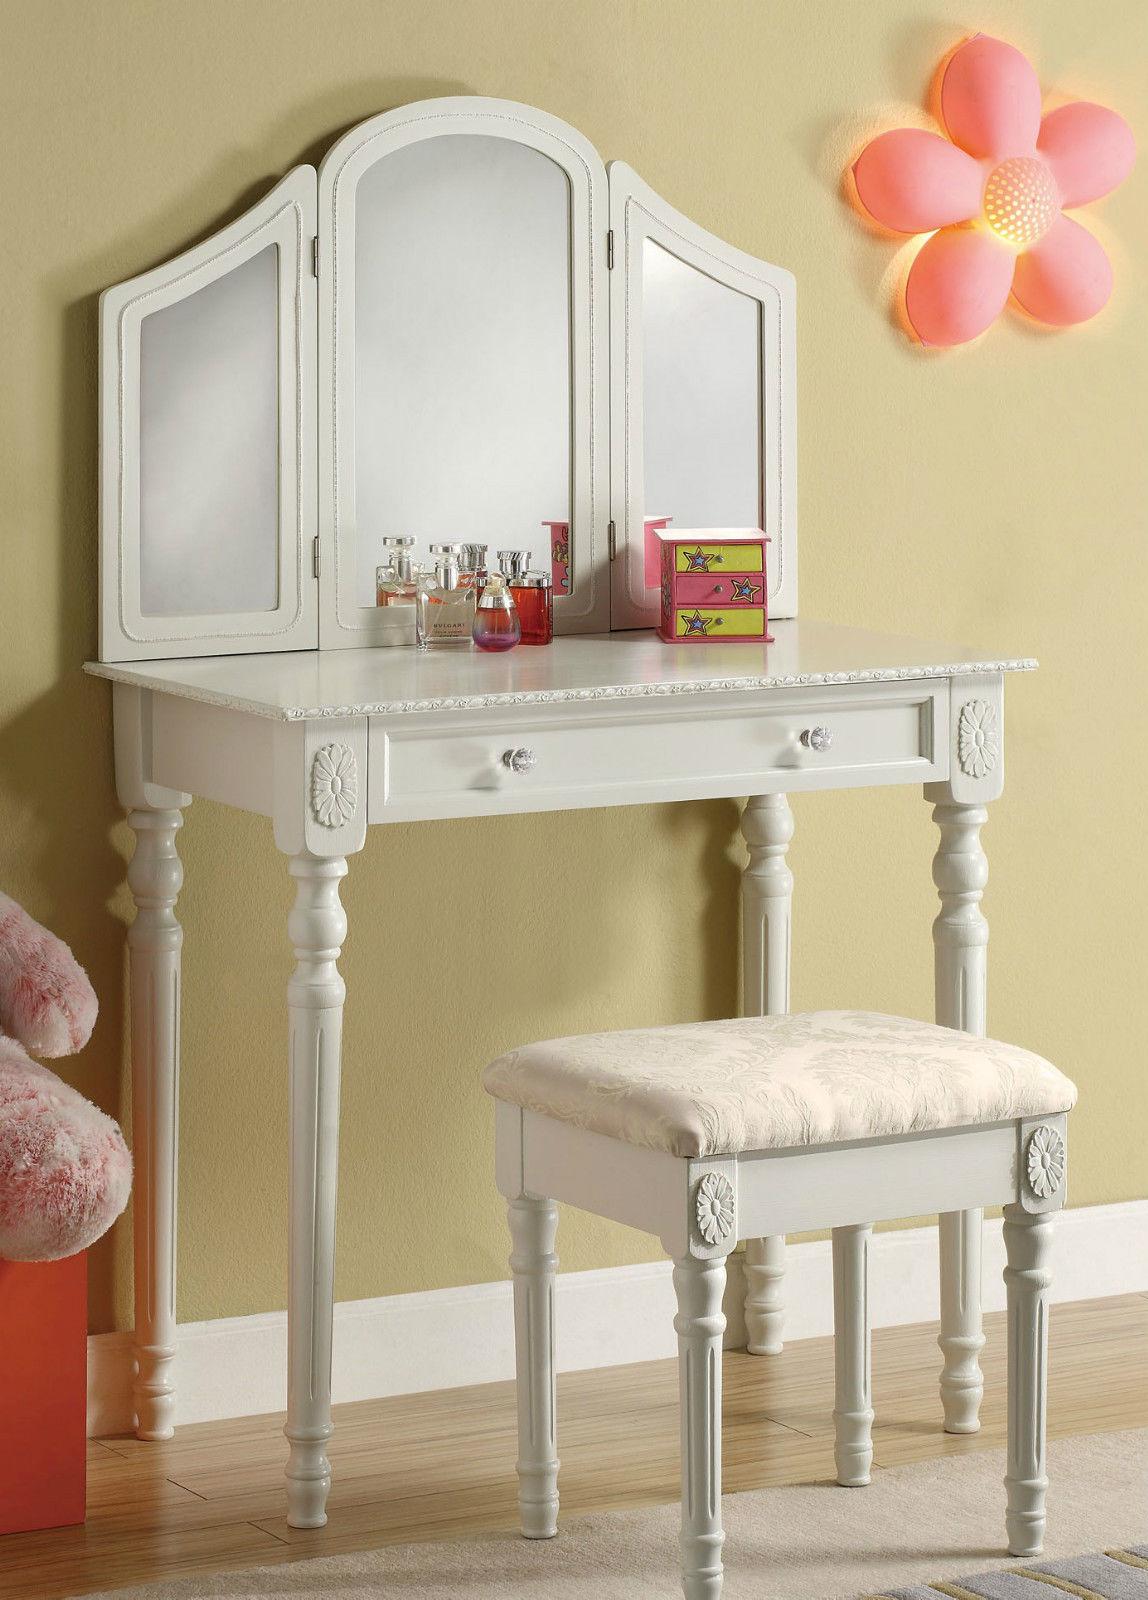 schminktisch kosmetiktisch inkl hocker spiegel frisierkommode frisiertisch lh ebay. Black Bedroom Furniture Sets. Home Design Ideas